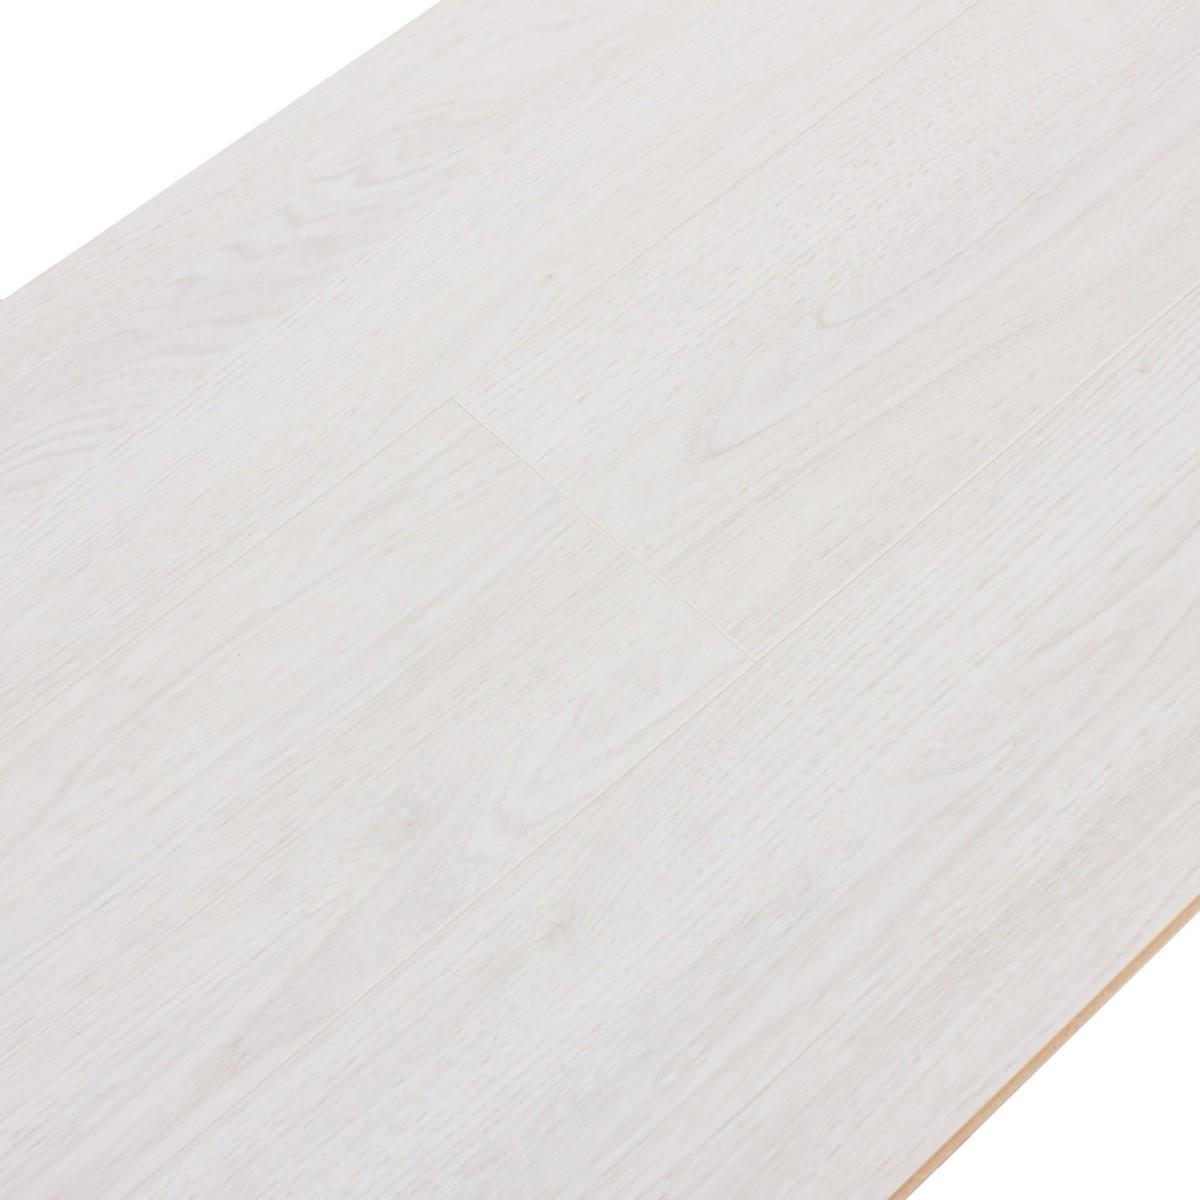 Ламинат Artfloor Орех американский 32 класс толщина 10 мм с фаской 1.975 м²